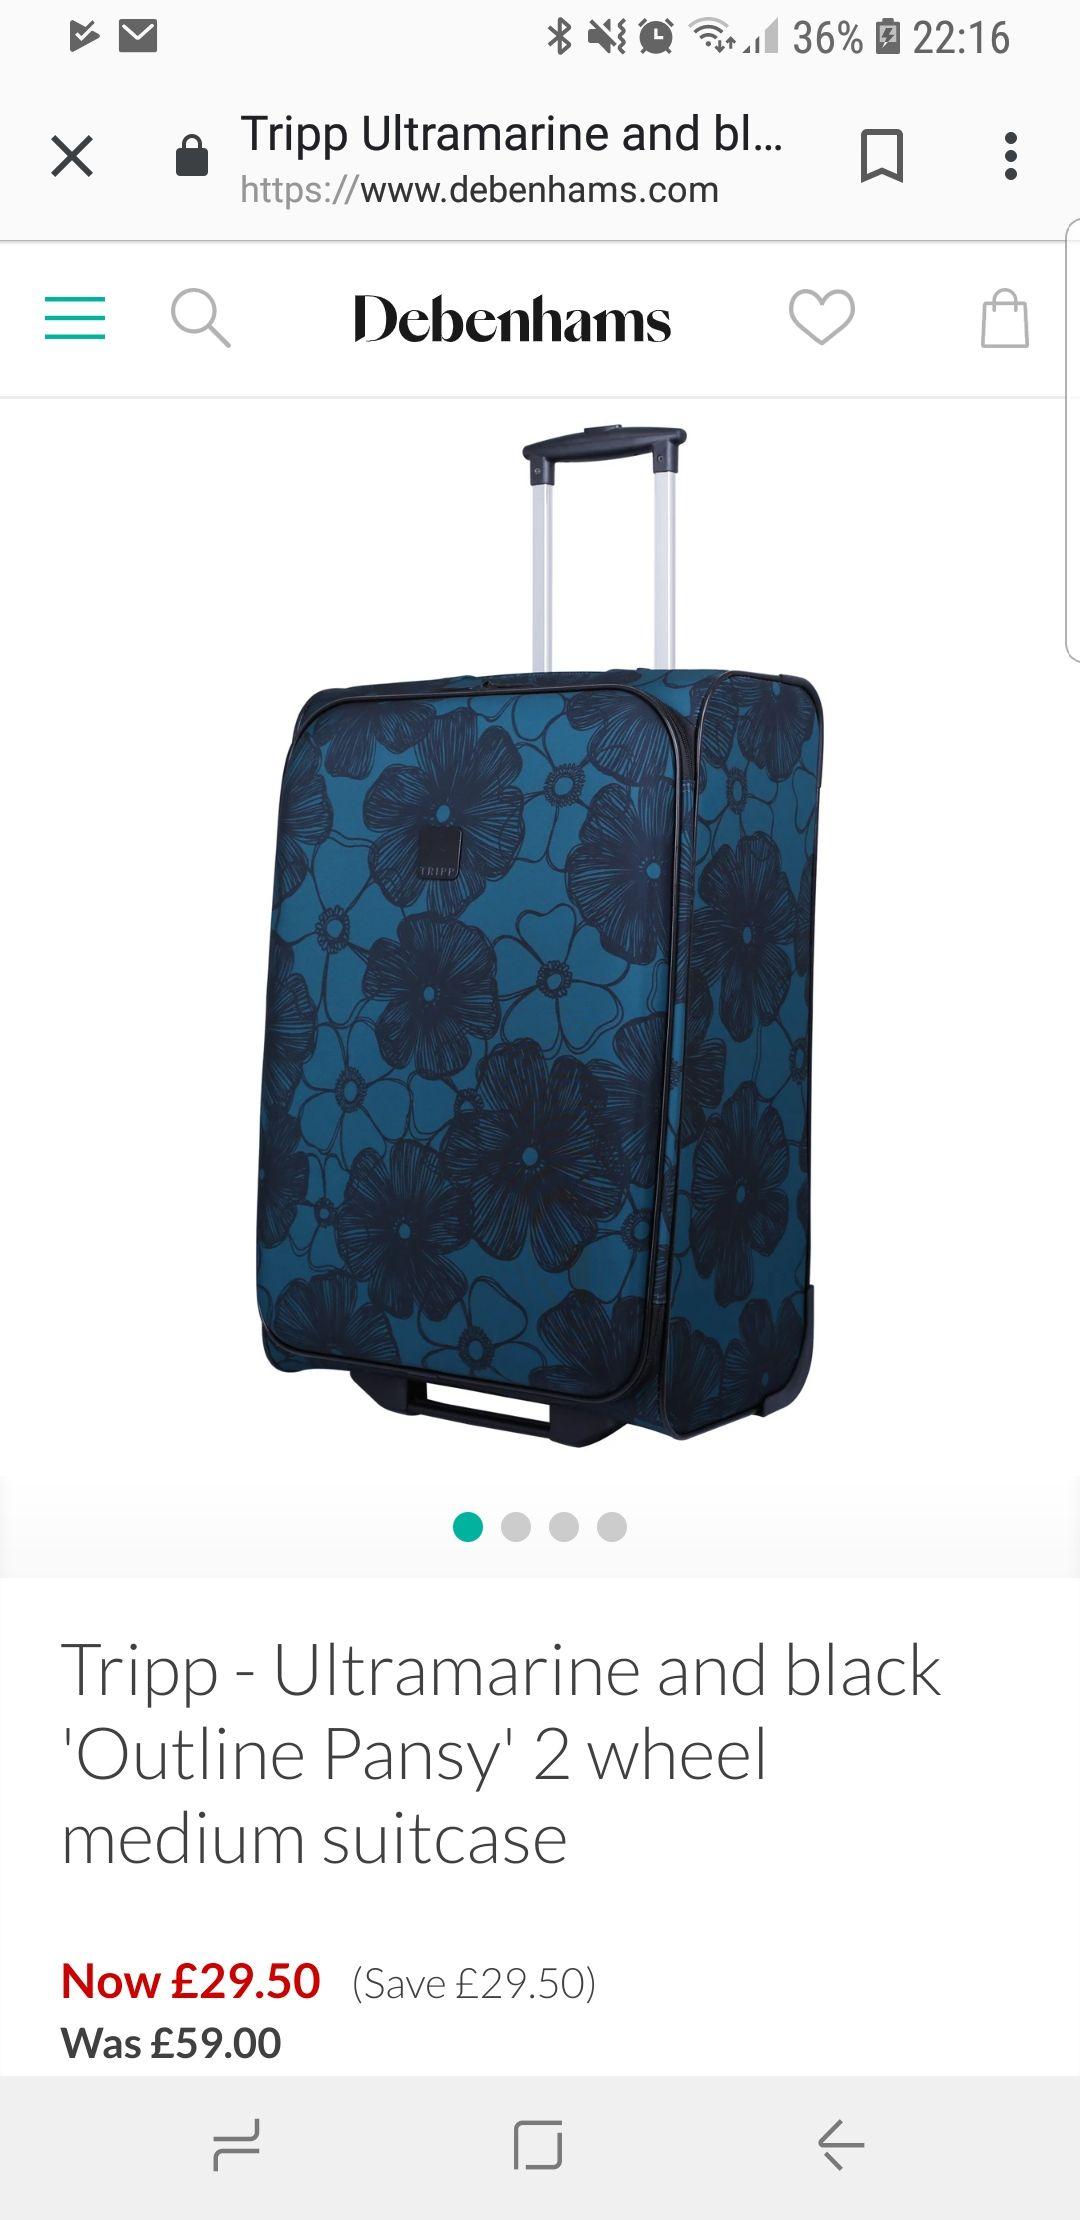 Tripp suitcase (medium) at Debenhams for £29.50